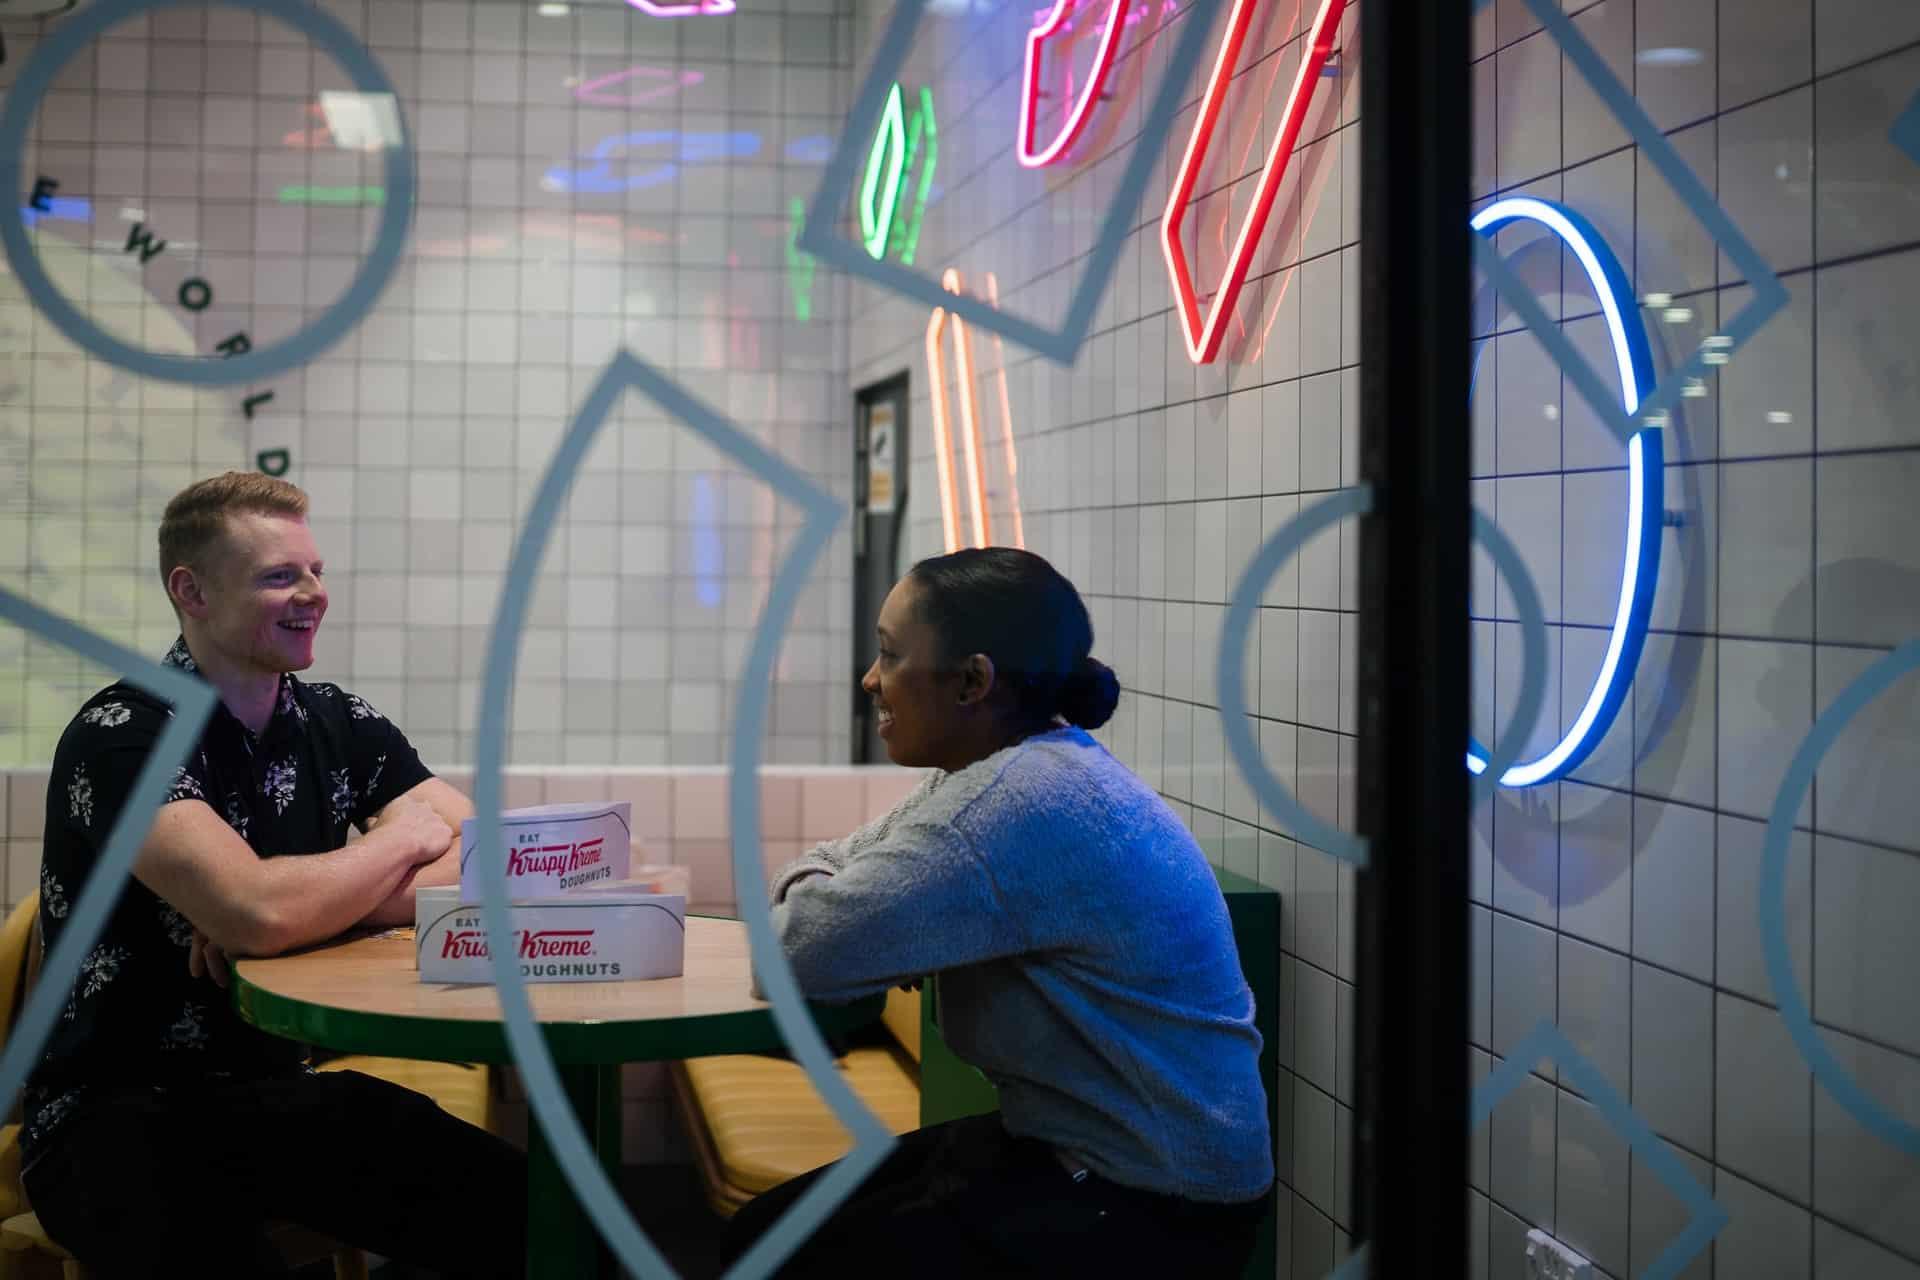 Ein Mann sitzt mit einer Frau an einem Tisch und redet